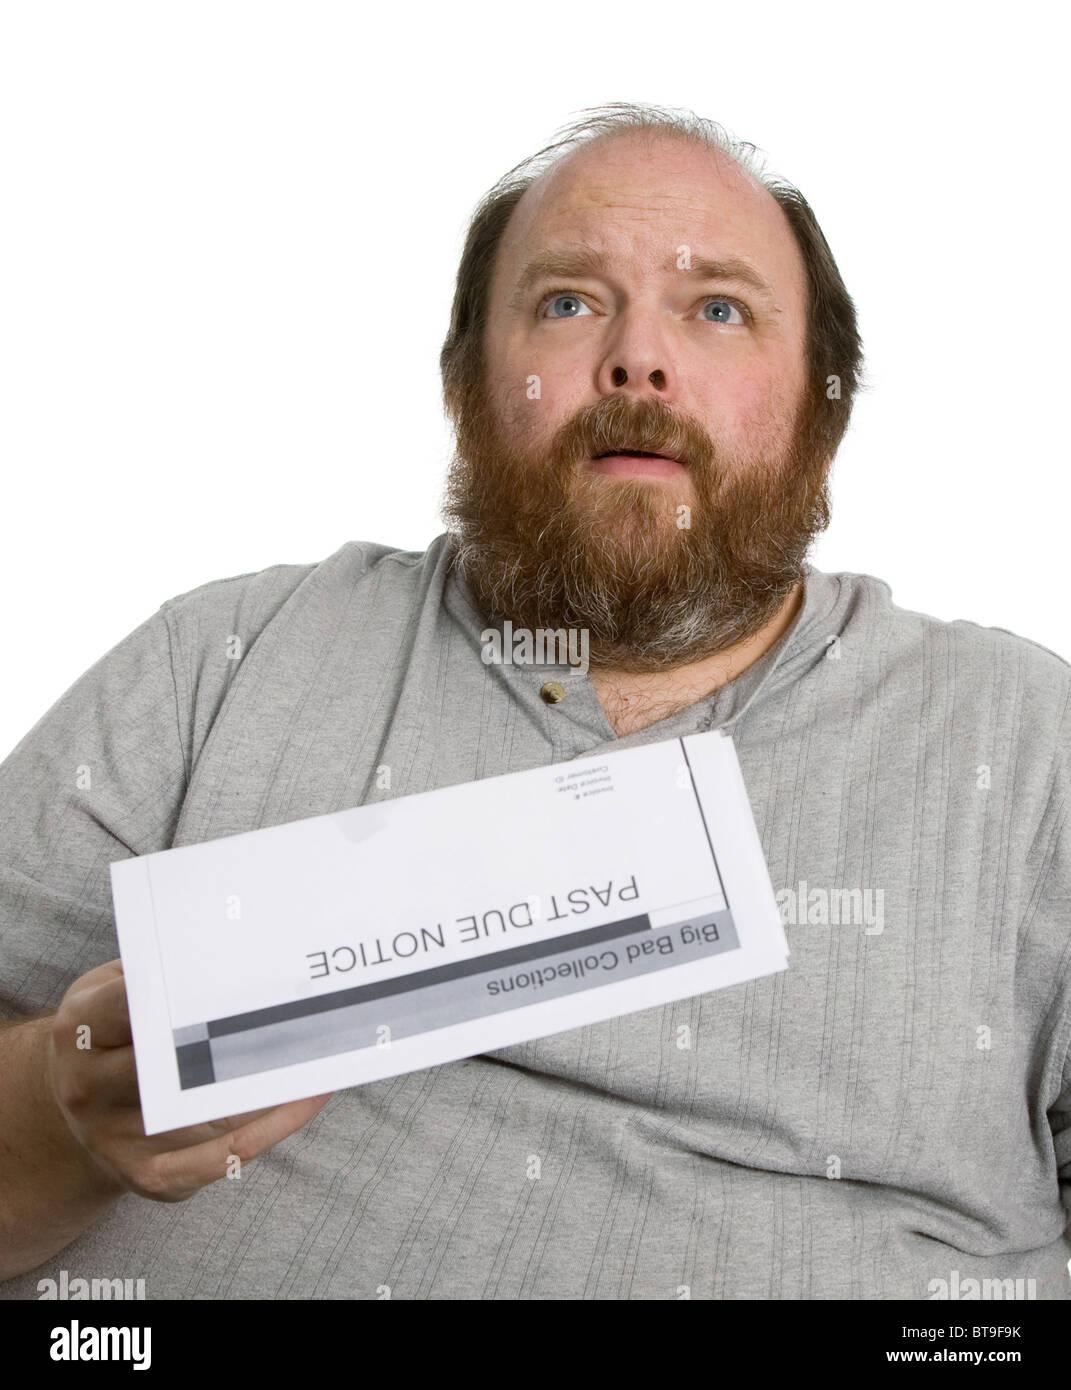 Uomo con un passato dovuto preavviso e guardando molto preoccupato Immagini Stock